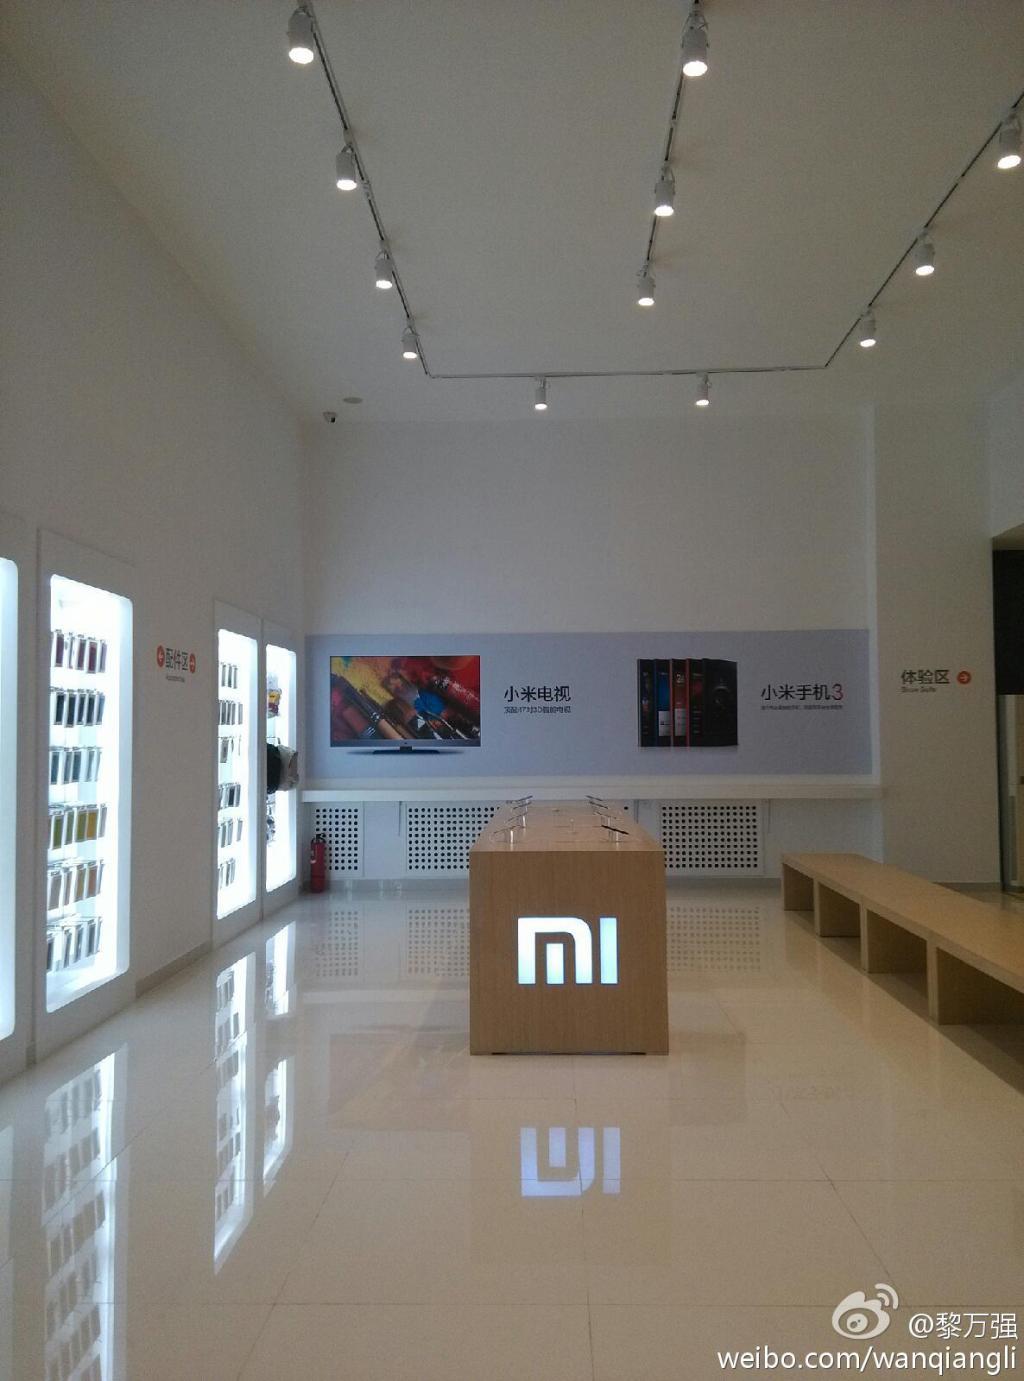 new Xiaomi store in Beijing